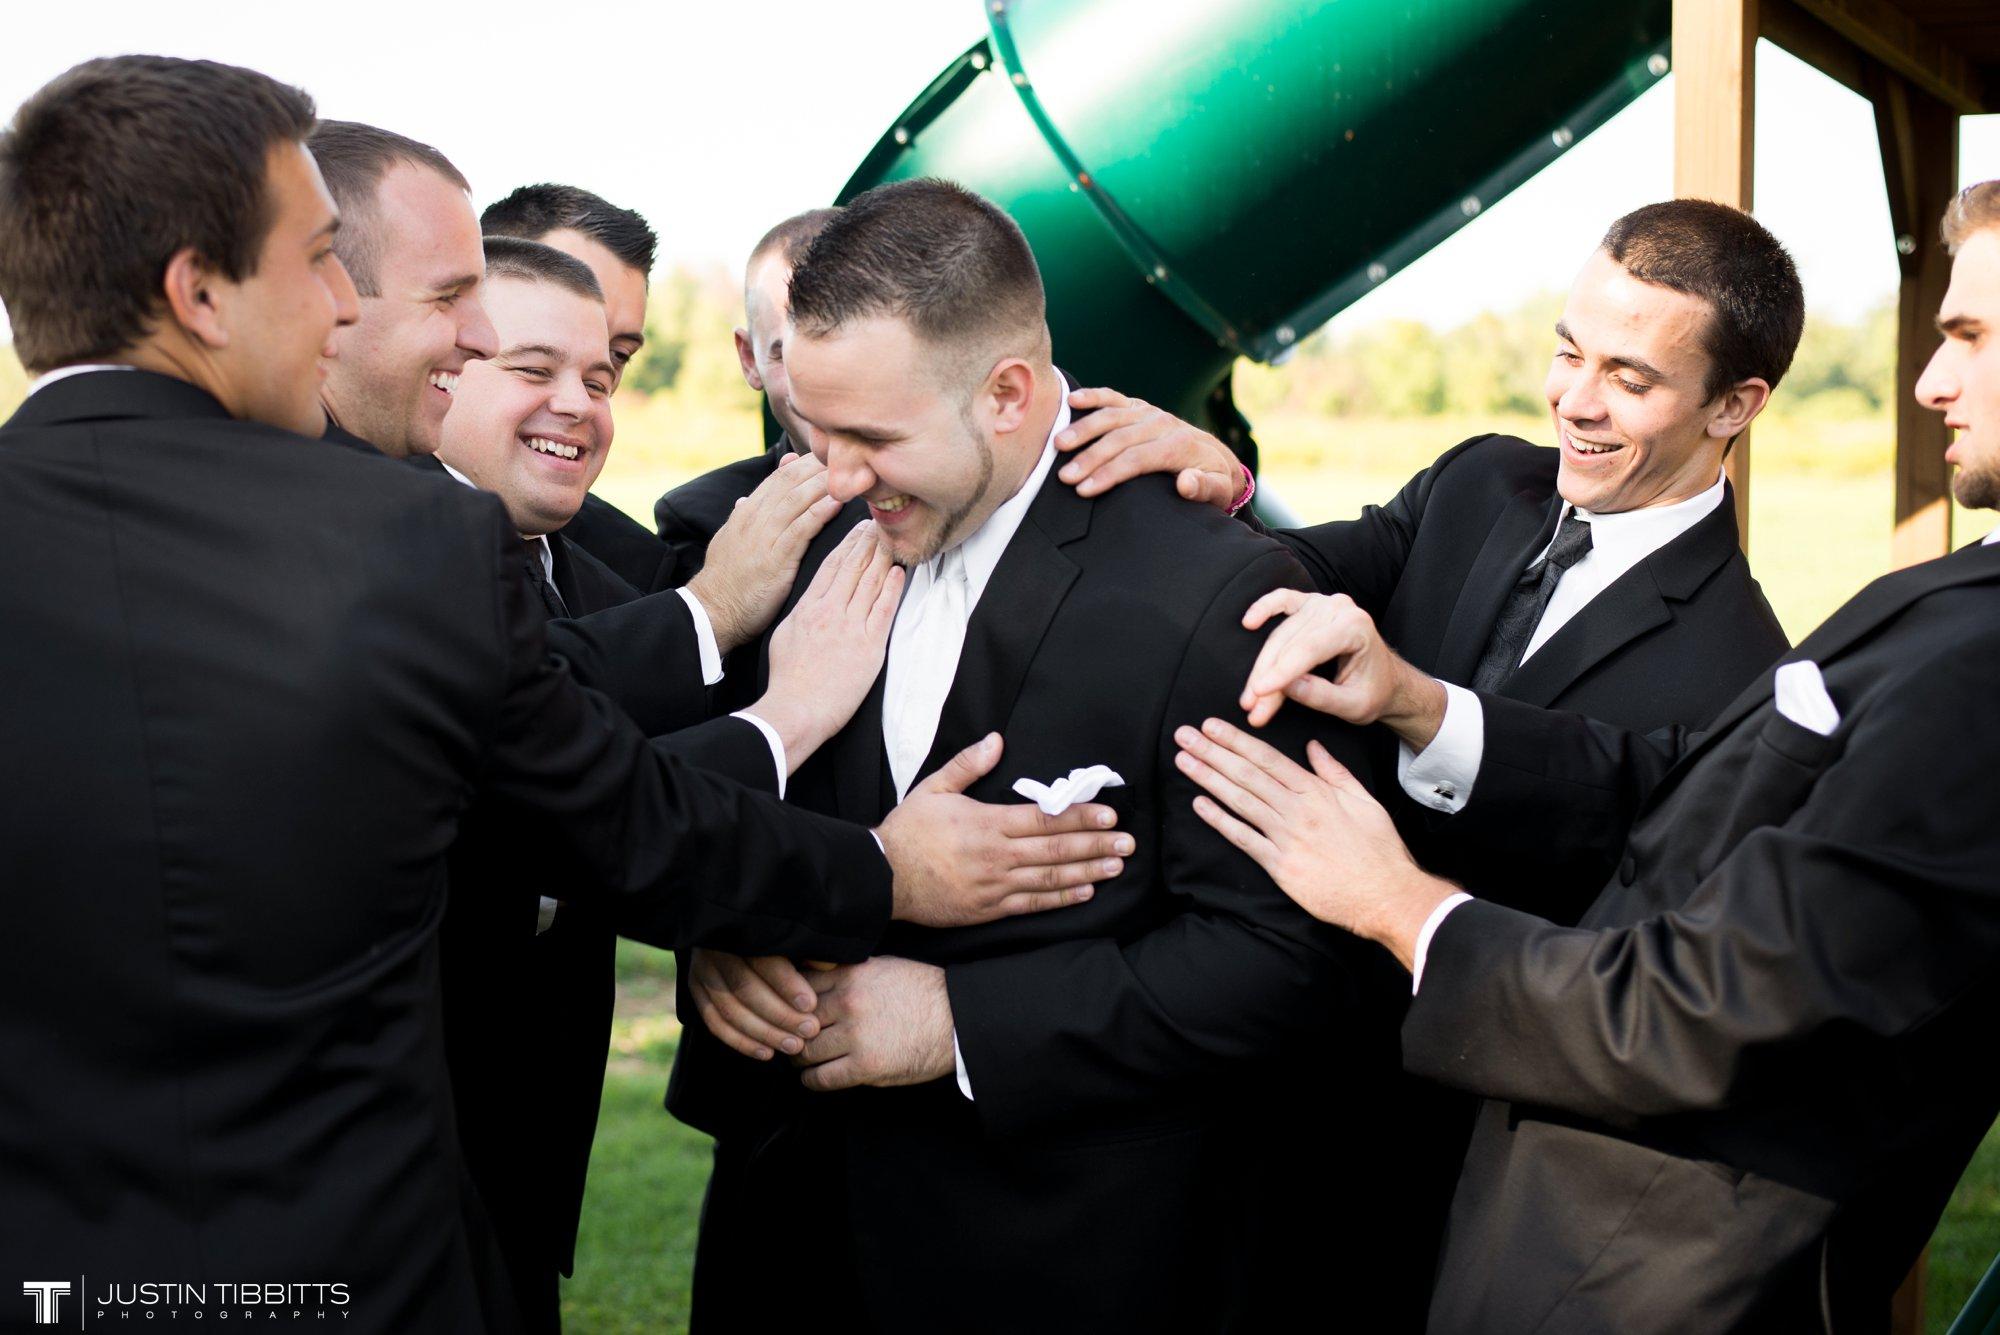 Albany NY Wedding Photographer Justin Tibbitts Photography 2014 Best of Albany NY Weddings-37527